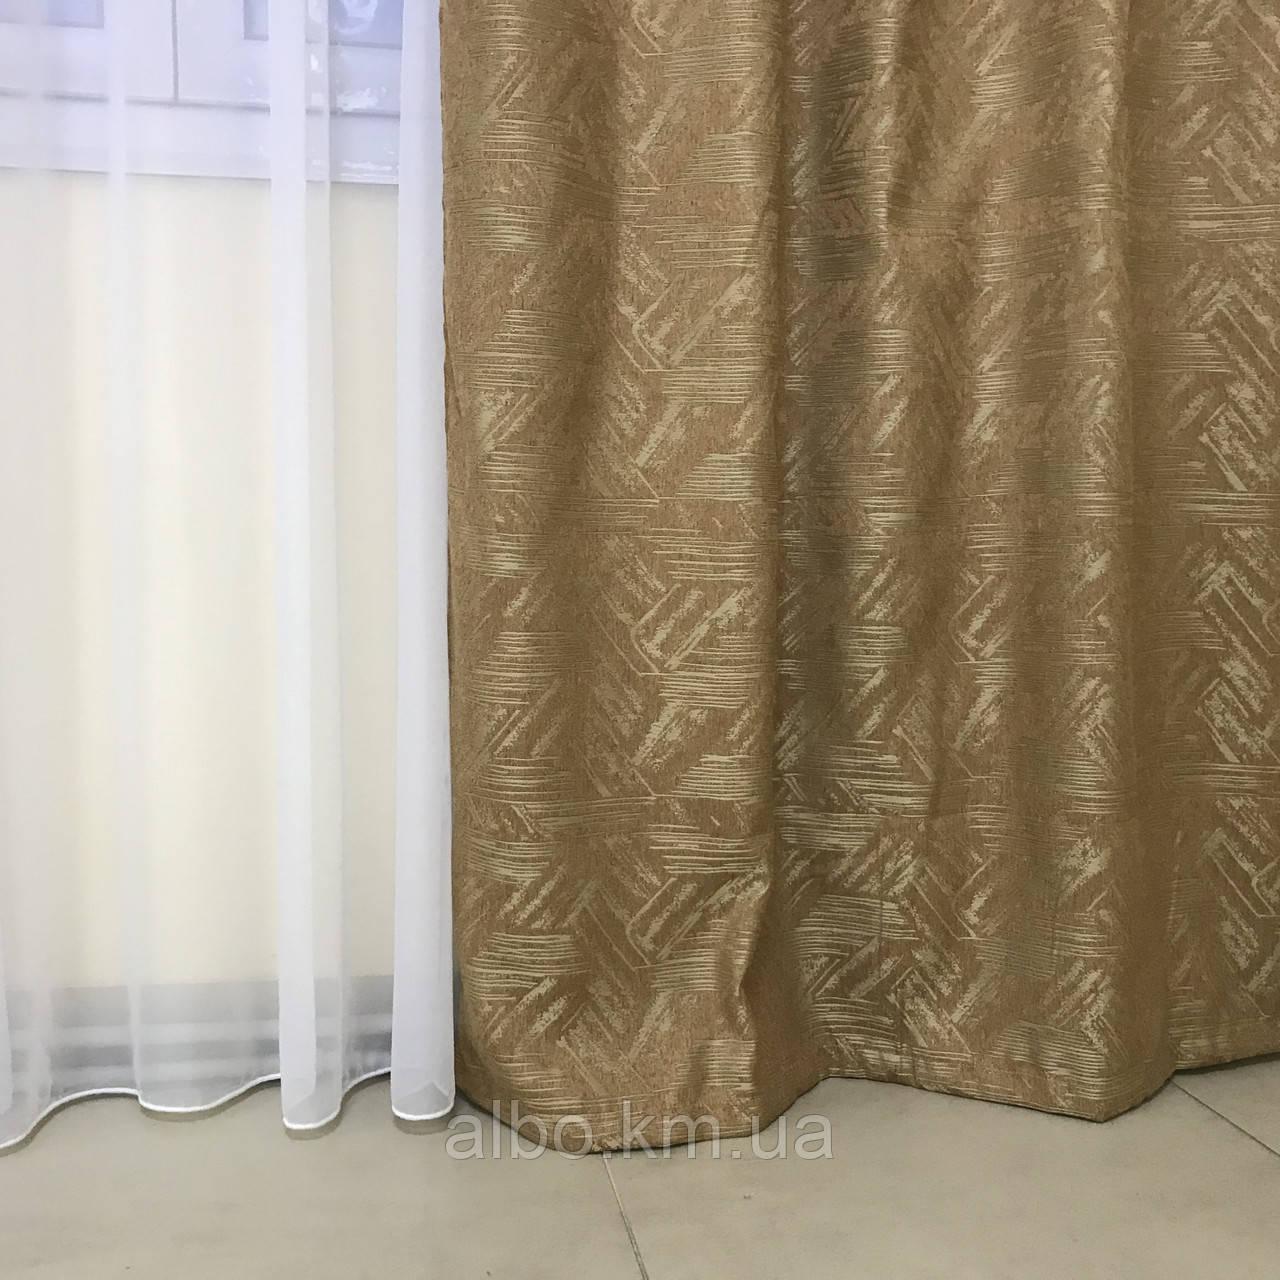 Штори з льону для будинку кімнати кухні, штори блекаут для будинку залу спальні дитячої кімнати, штори від сонця для спальні залу